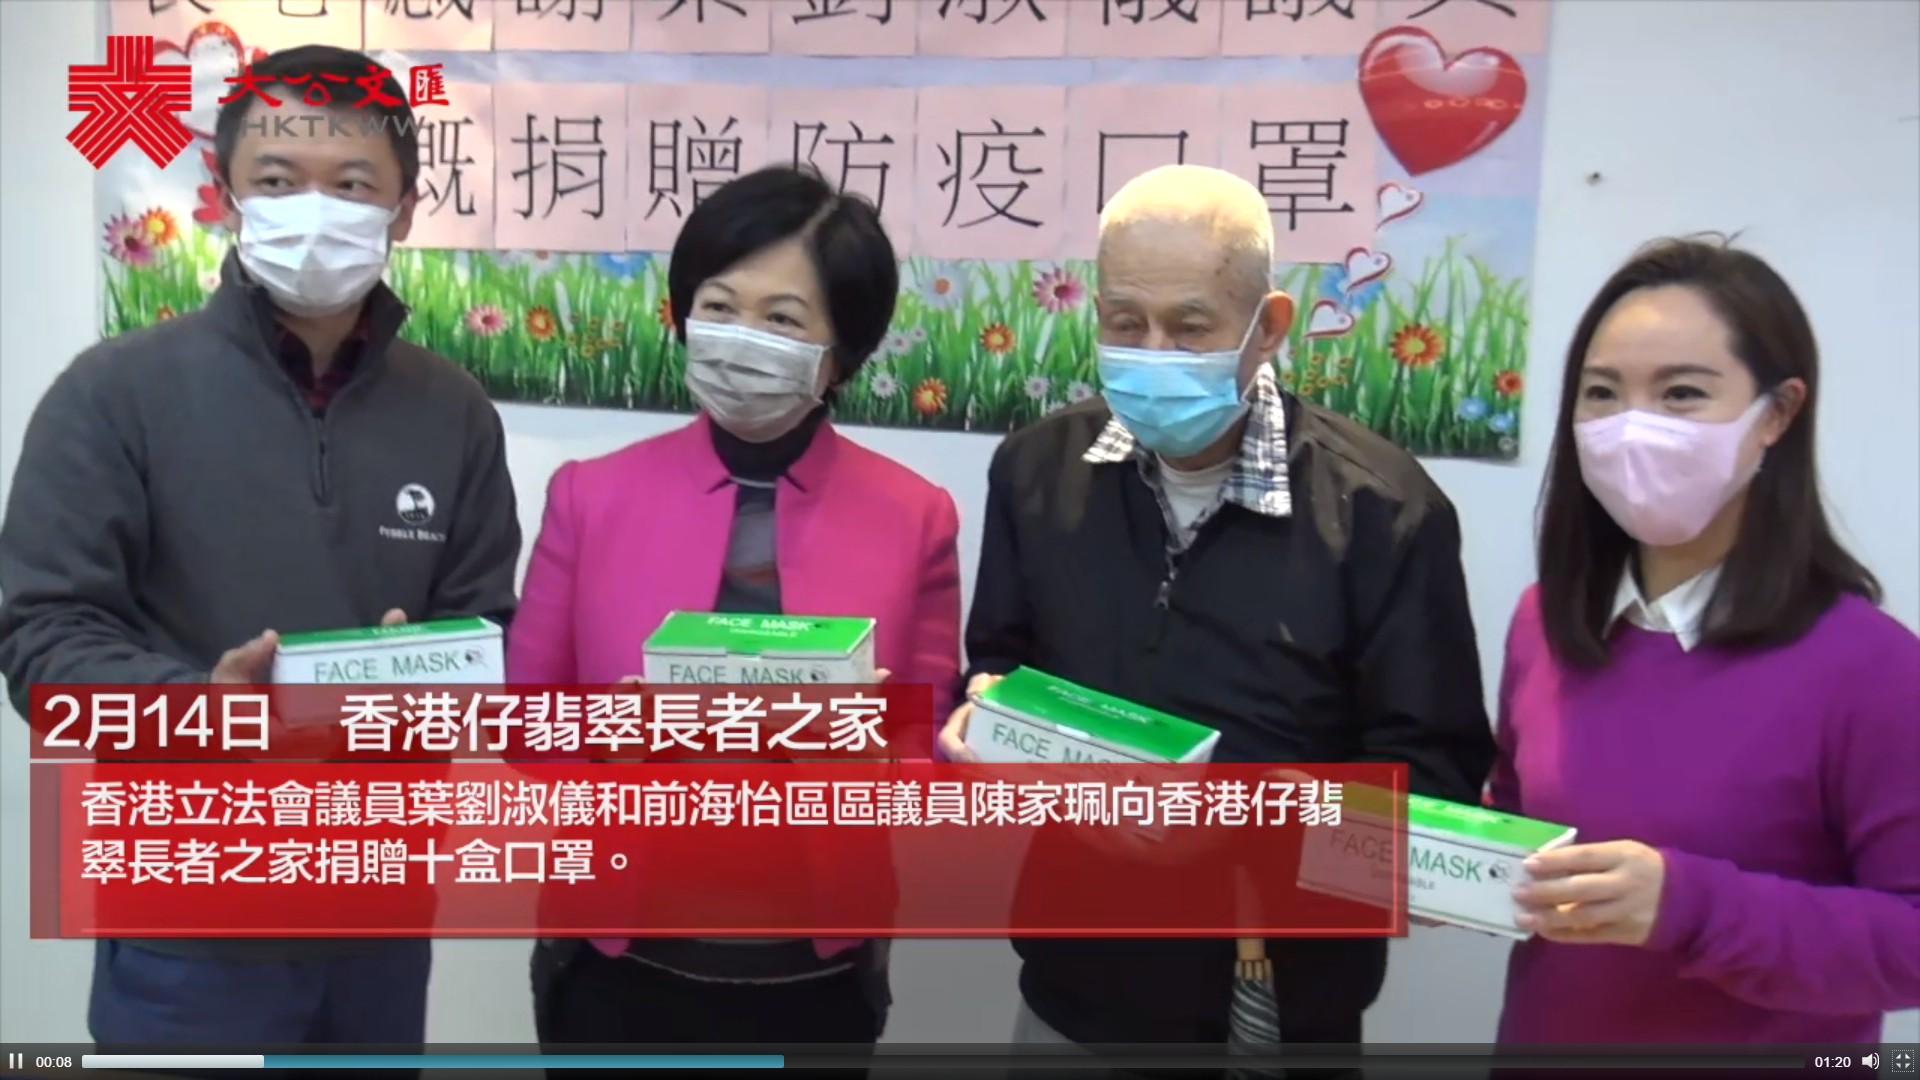 叶刘淑仪向安老院捐赠口罩 吁港府保证本地口罩供应